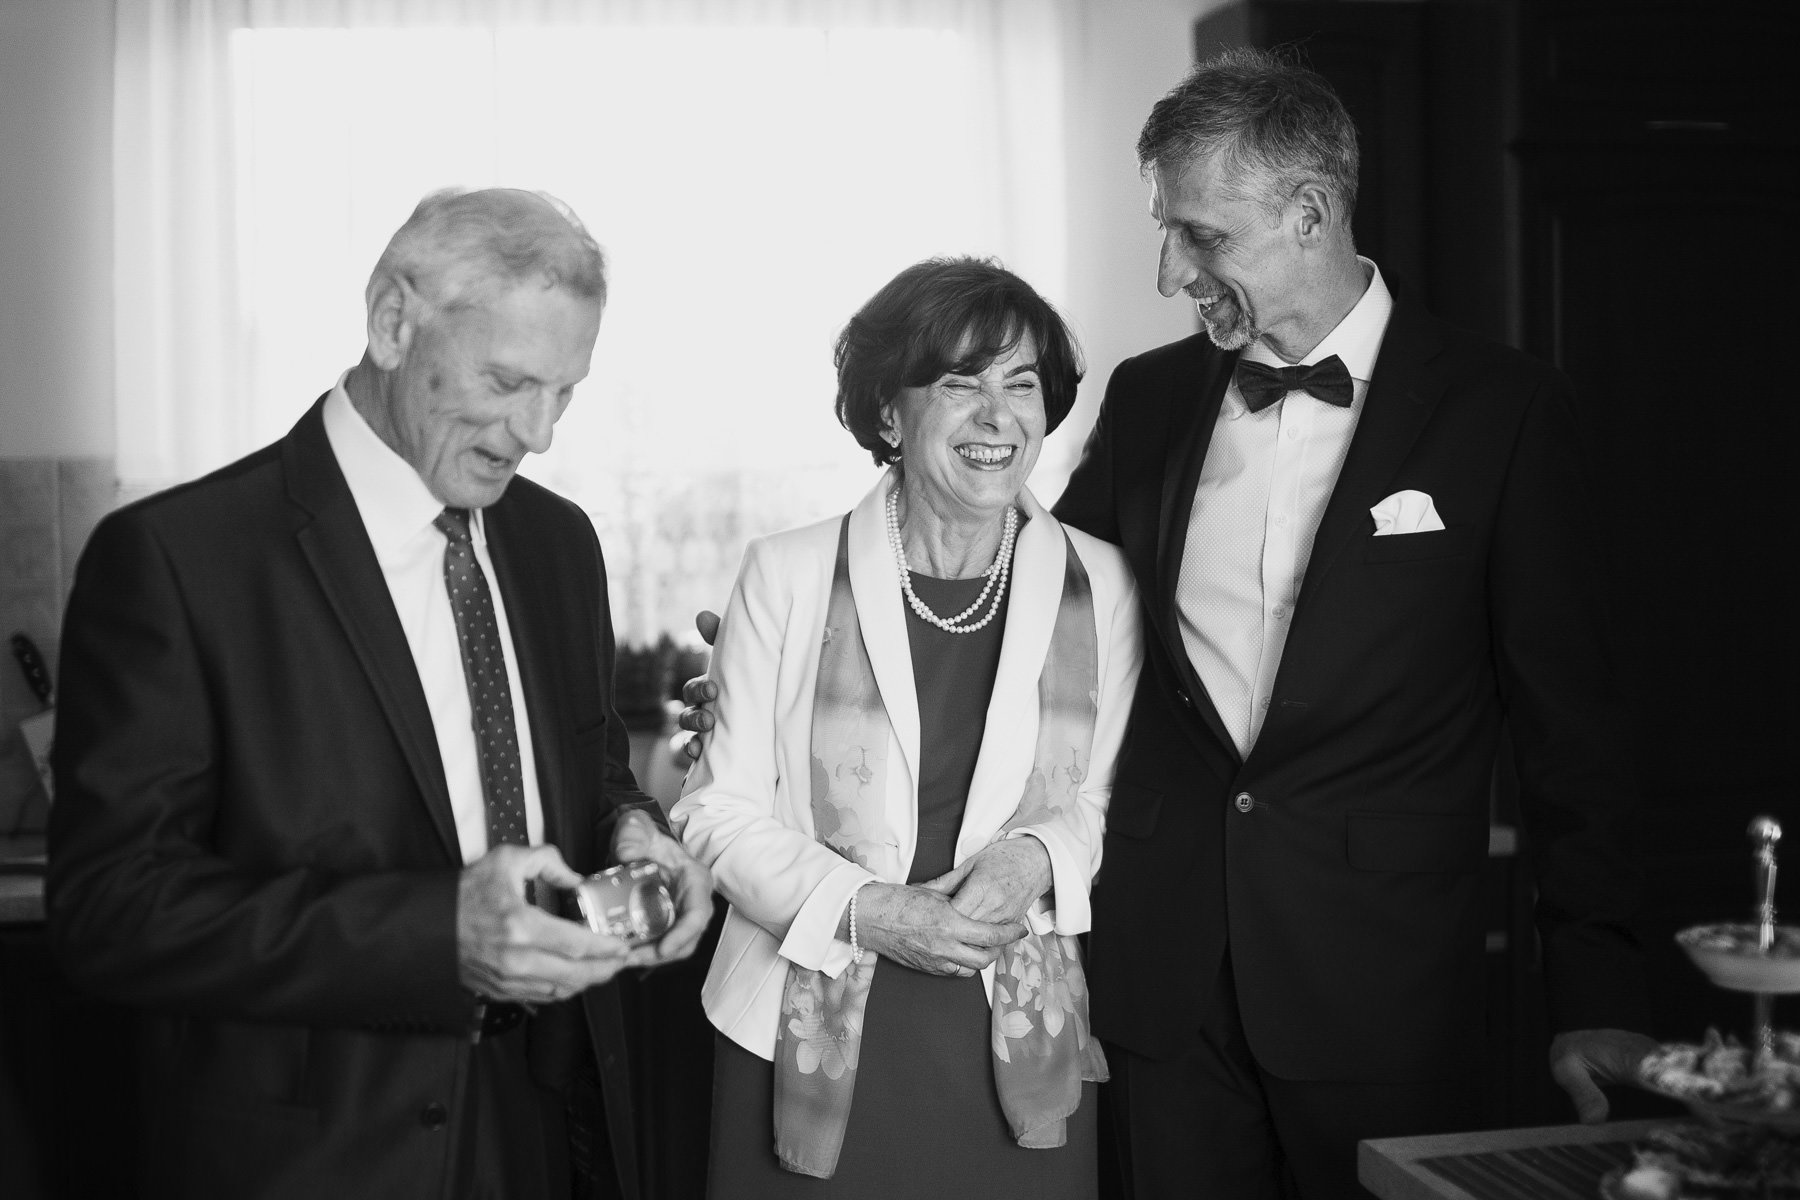 fotograf slub bielsko biala ania maciej 33 - Ślub w Bielsku-Białej - ANIA & MACIEJ